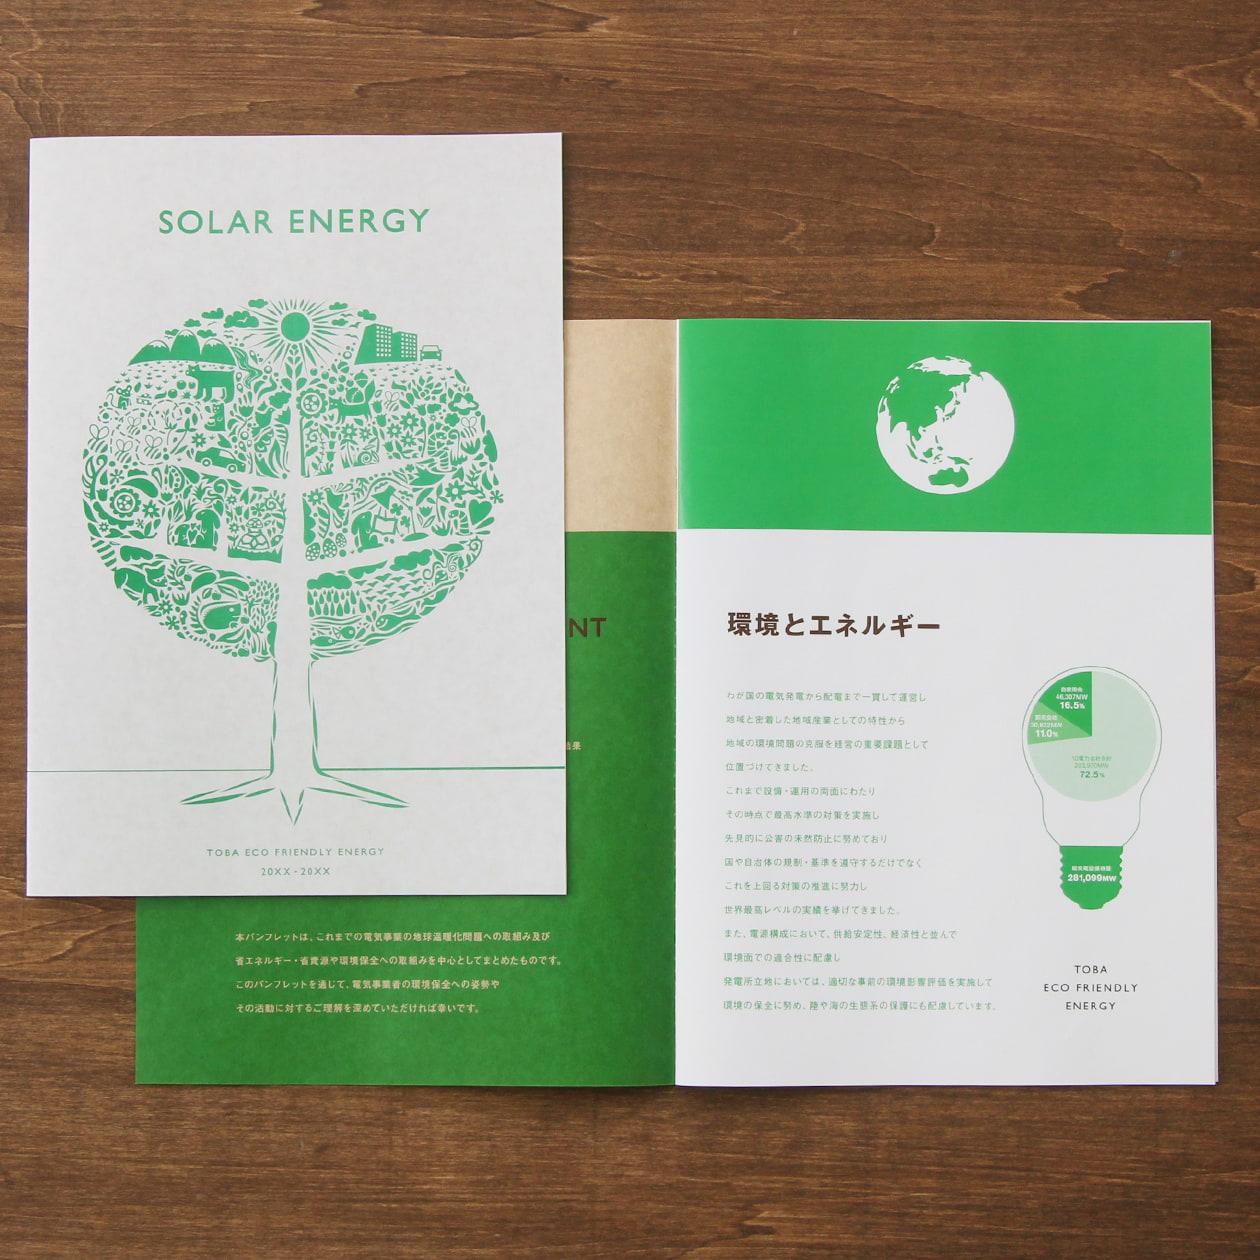 再生紙でつくる環境保全を意識した冊子